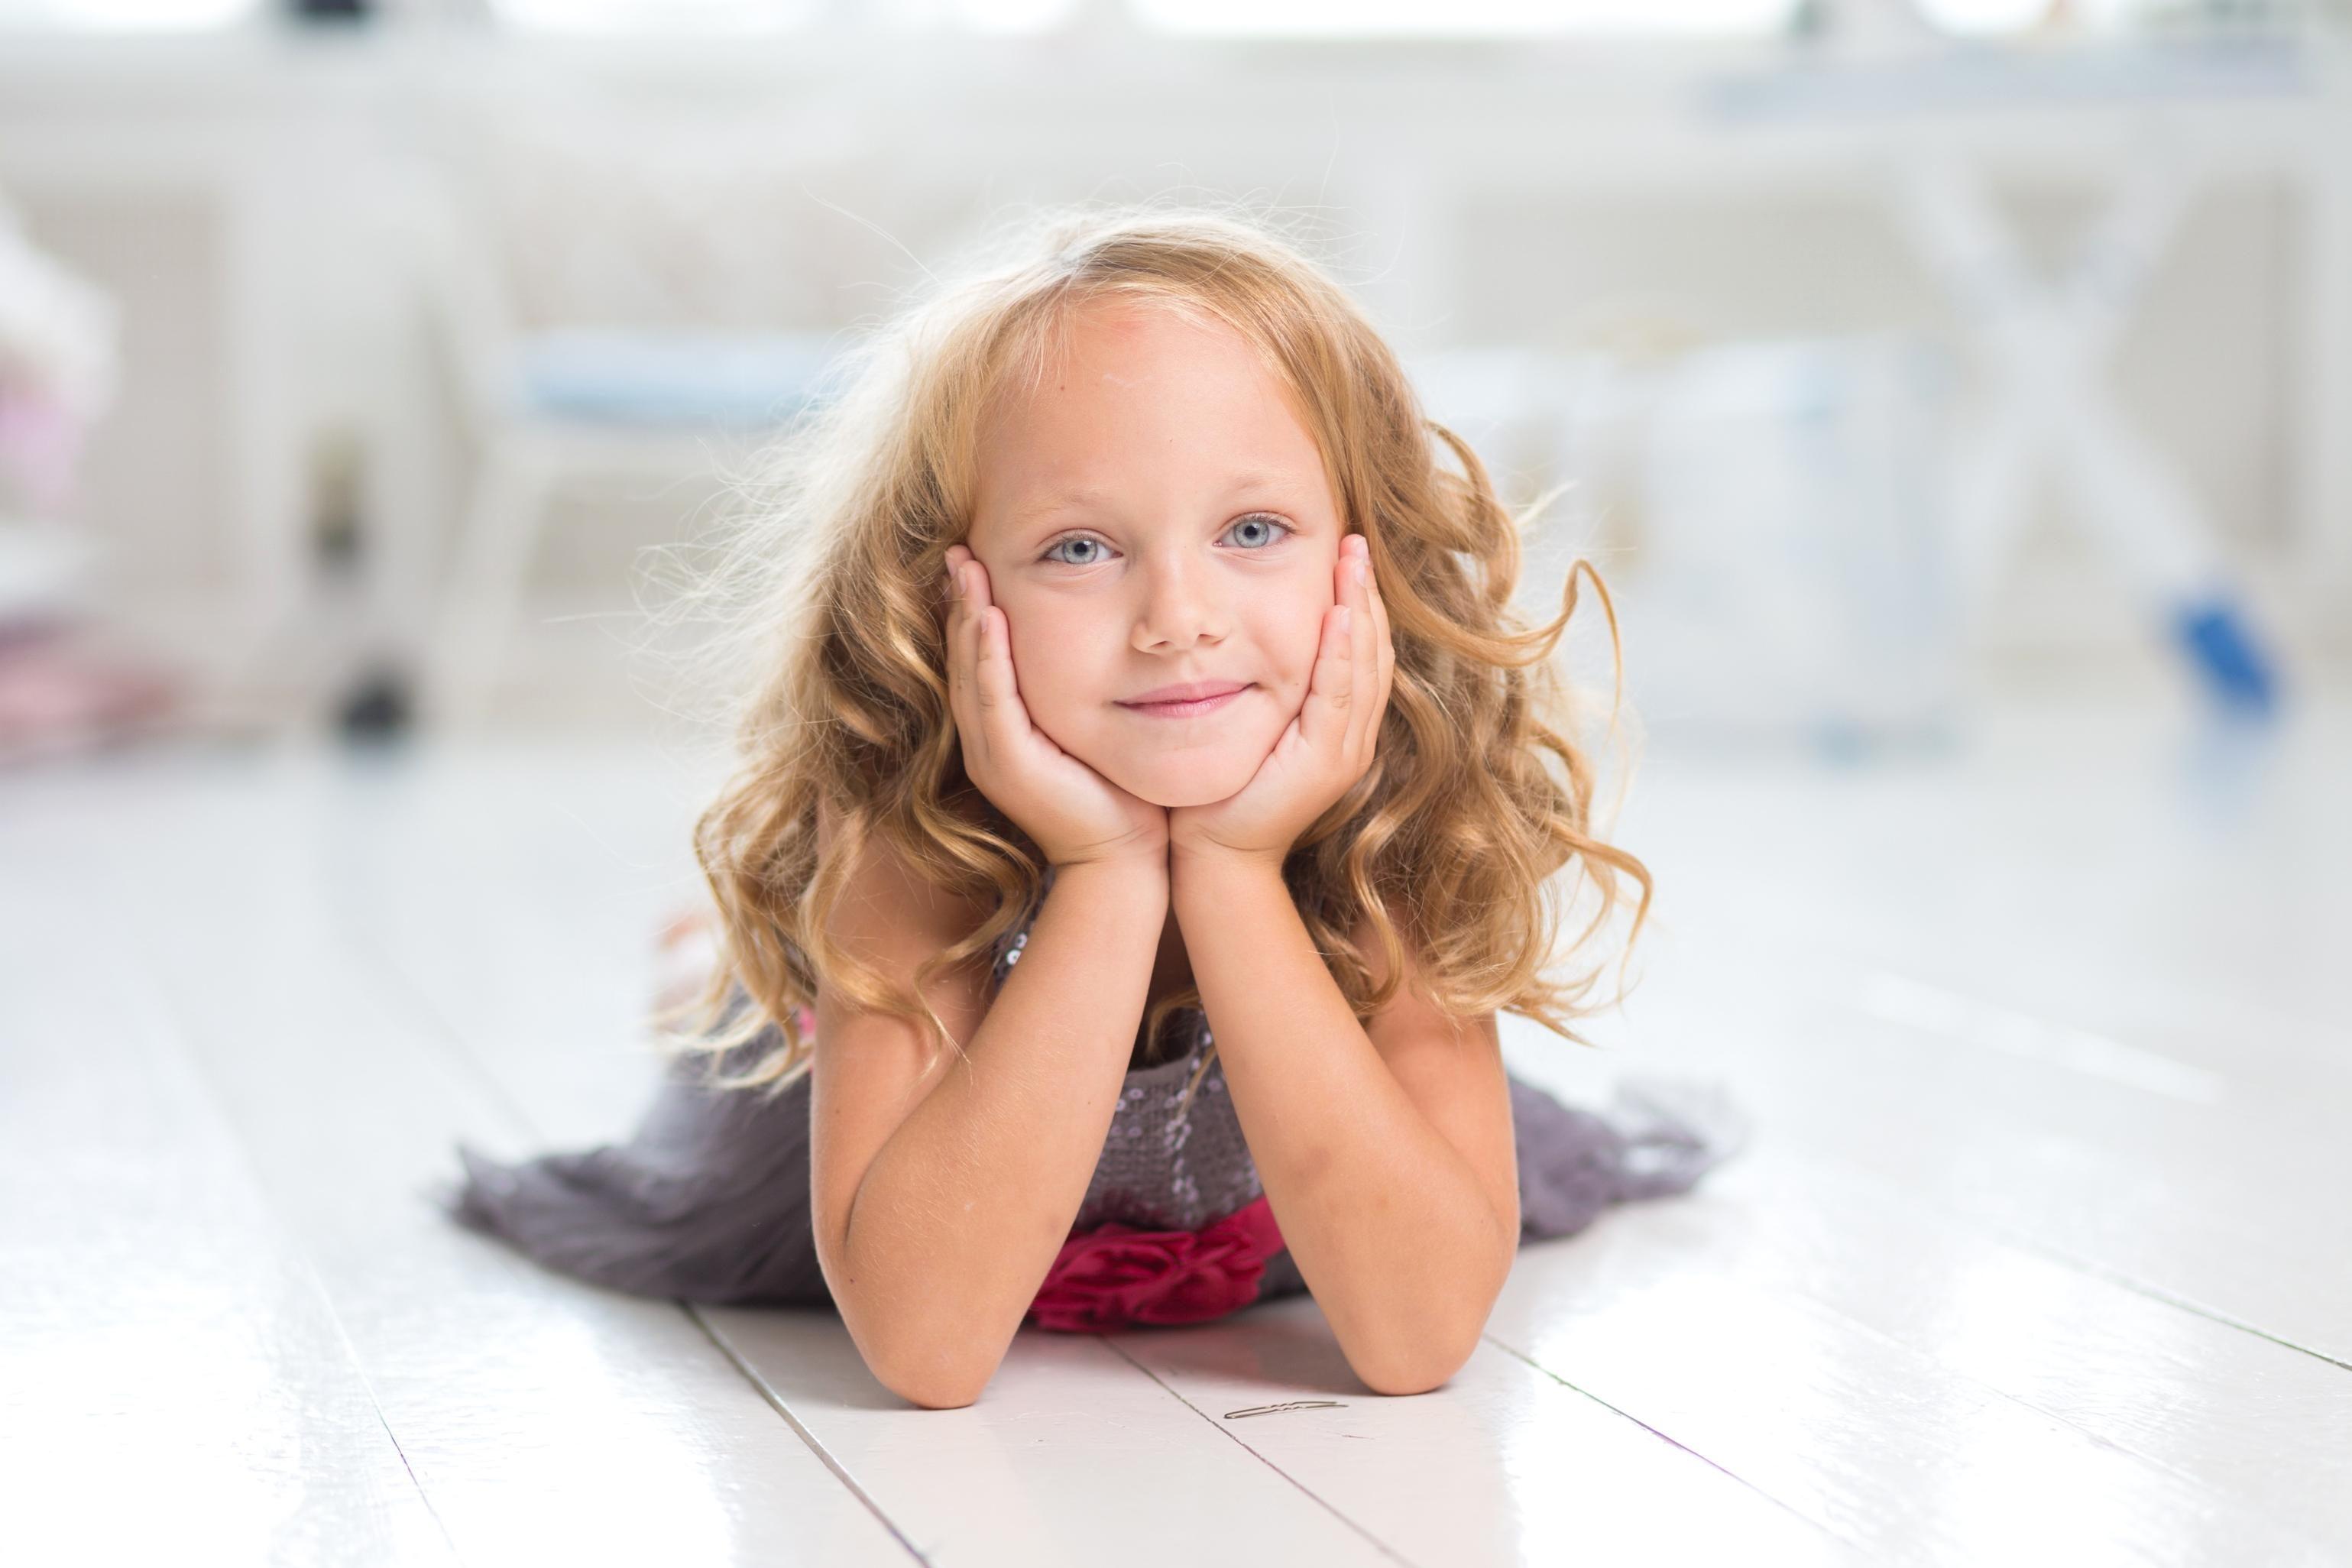 Image libre enfant portrait cheveux blonds mode innocence Dame maquillage heureux attrayant